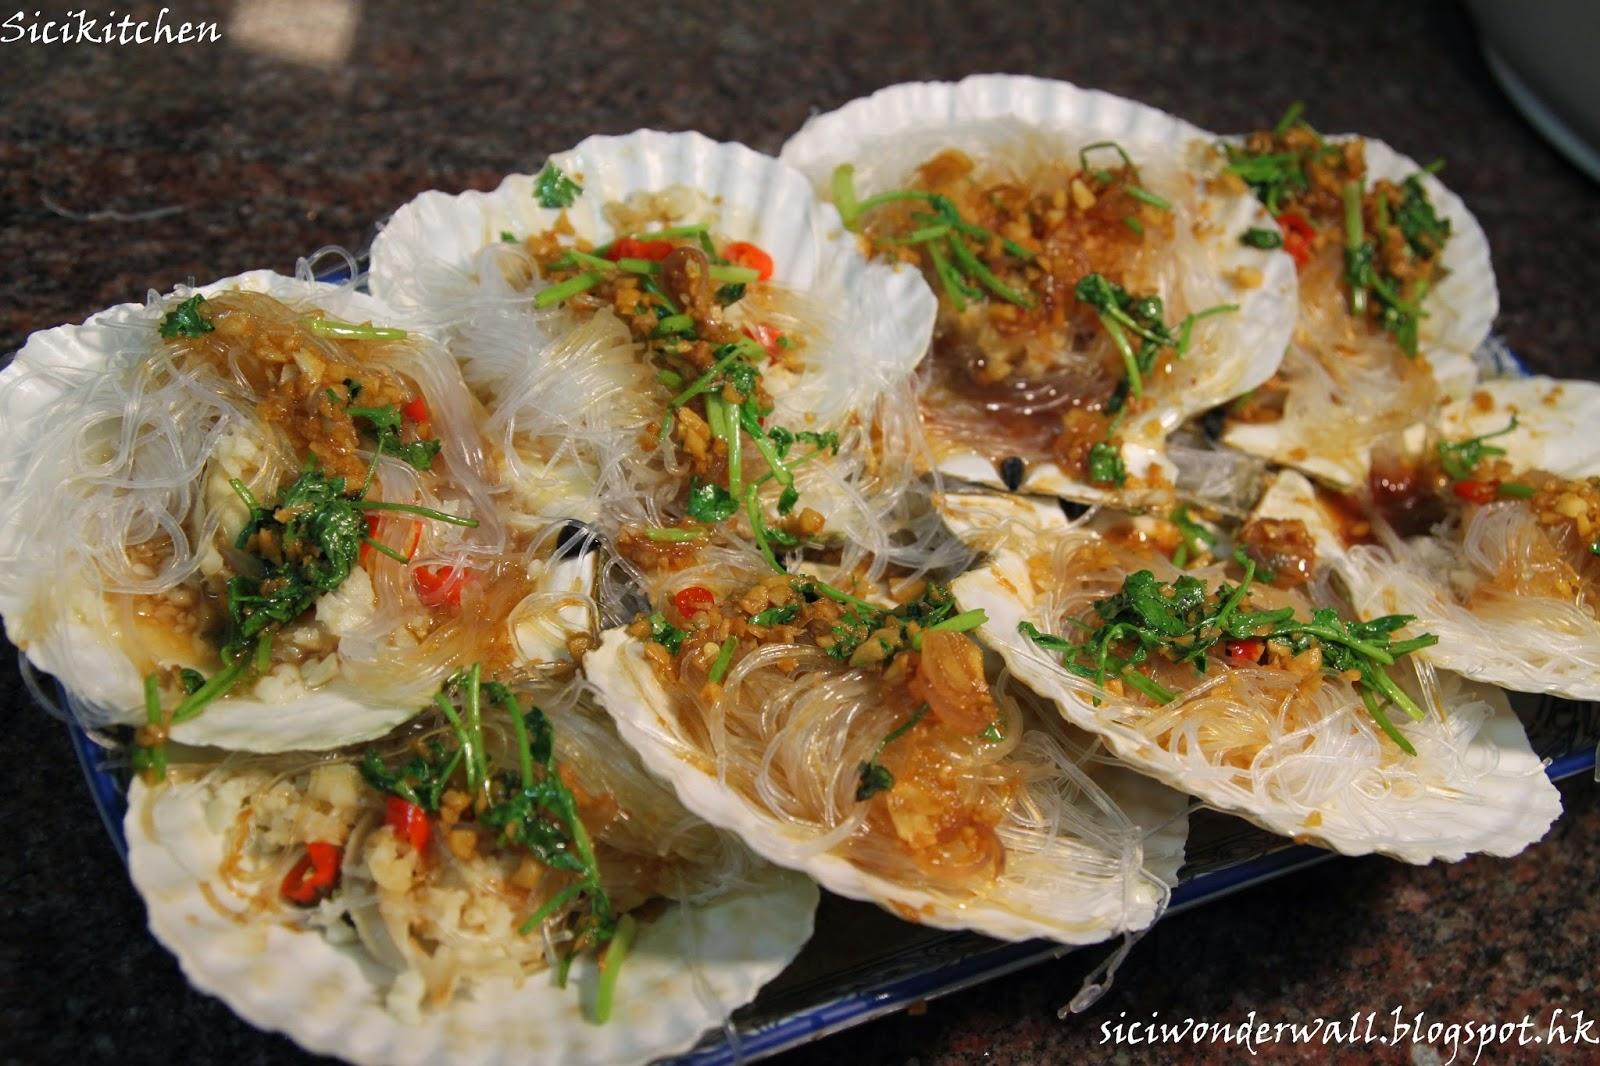 Sicikitchen: 【10分鐘料理拿手菜】人人都讚的蒜蓉粉絲蒸扇貝-附食譜